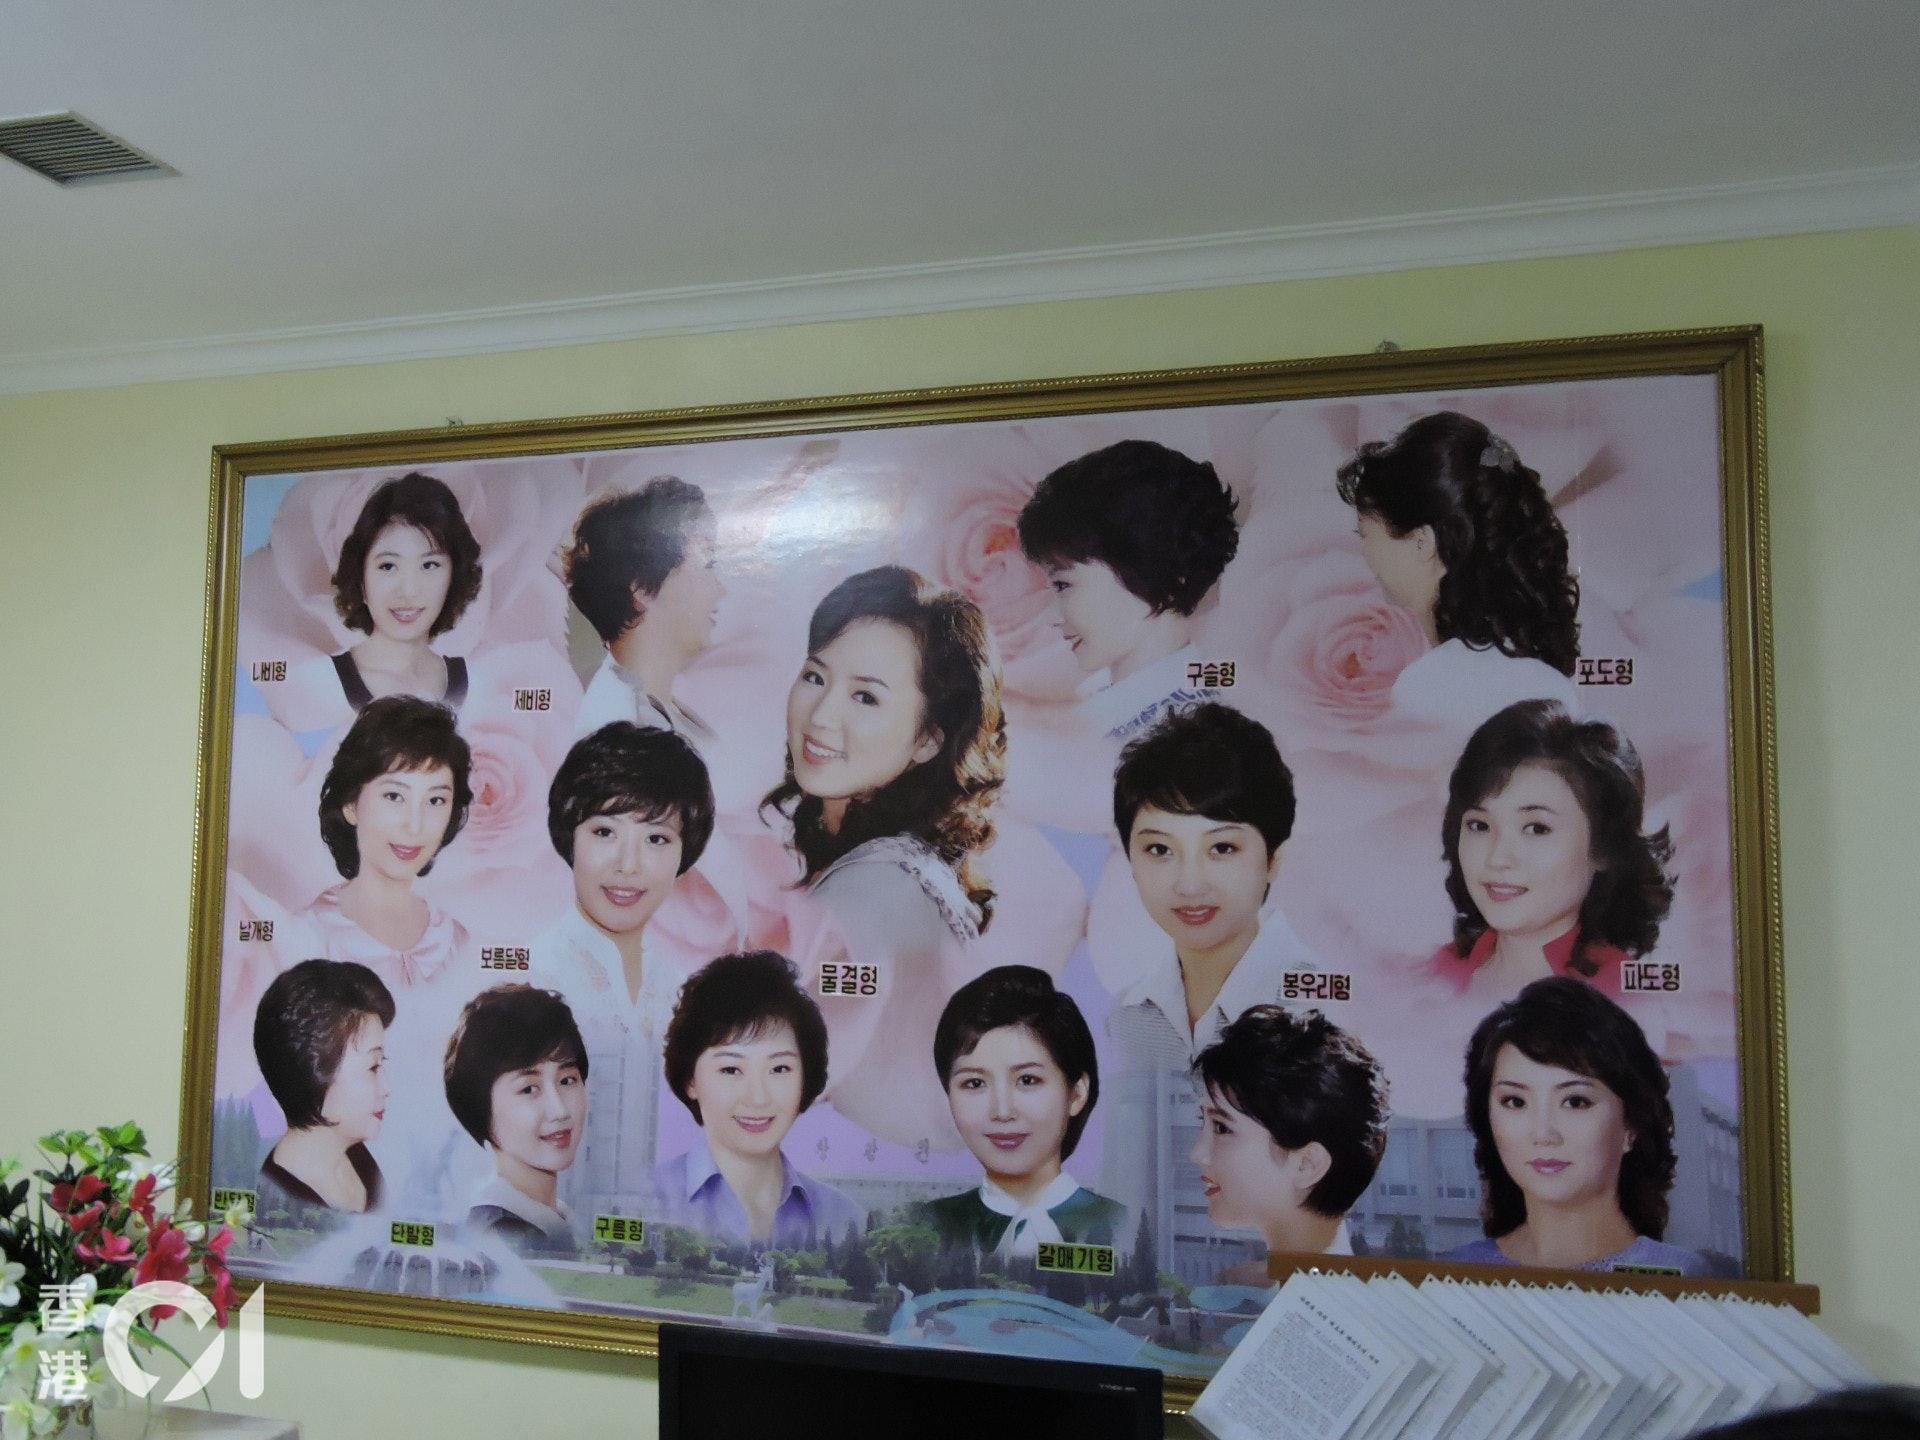 髮型屋更設有髮型模版讓客人選擇,看起來盡是六七十年代的造型。(歐陽翠詩攝)